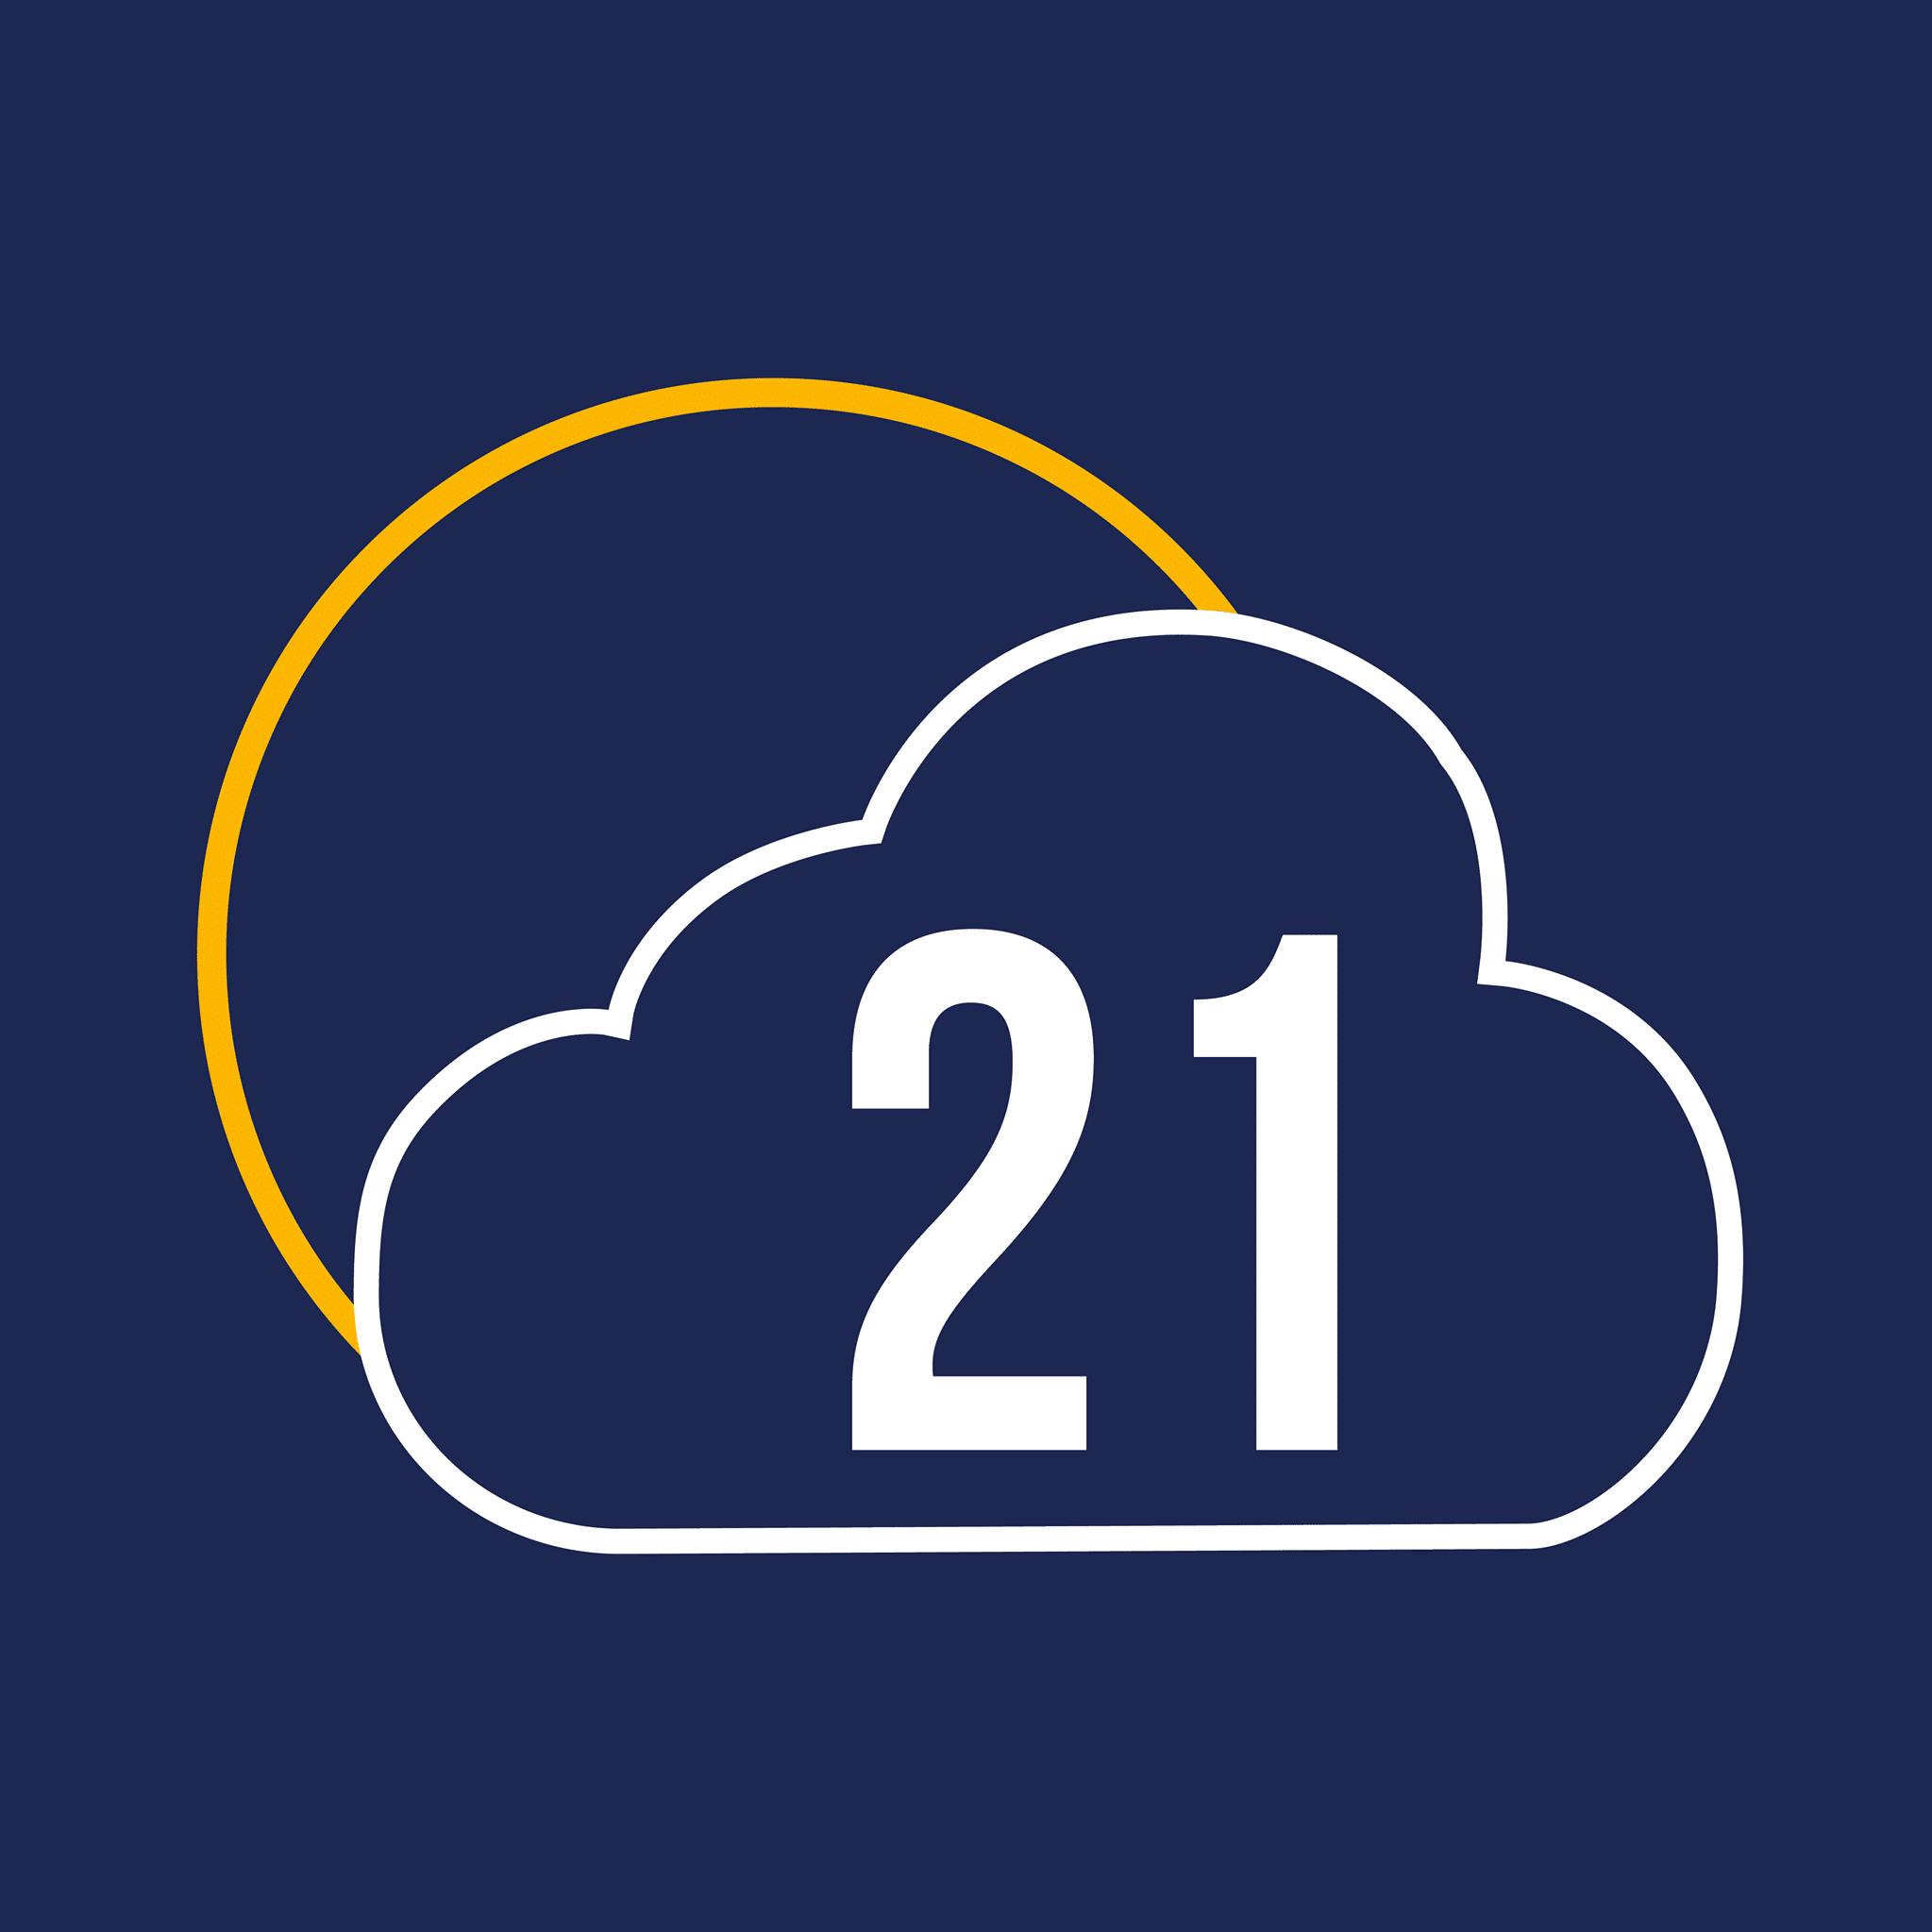 Météo21